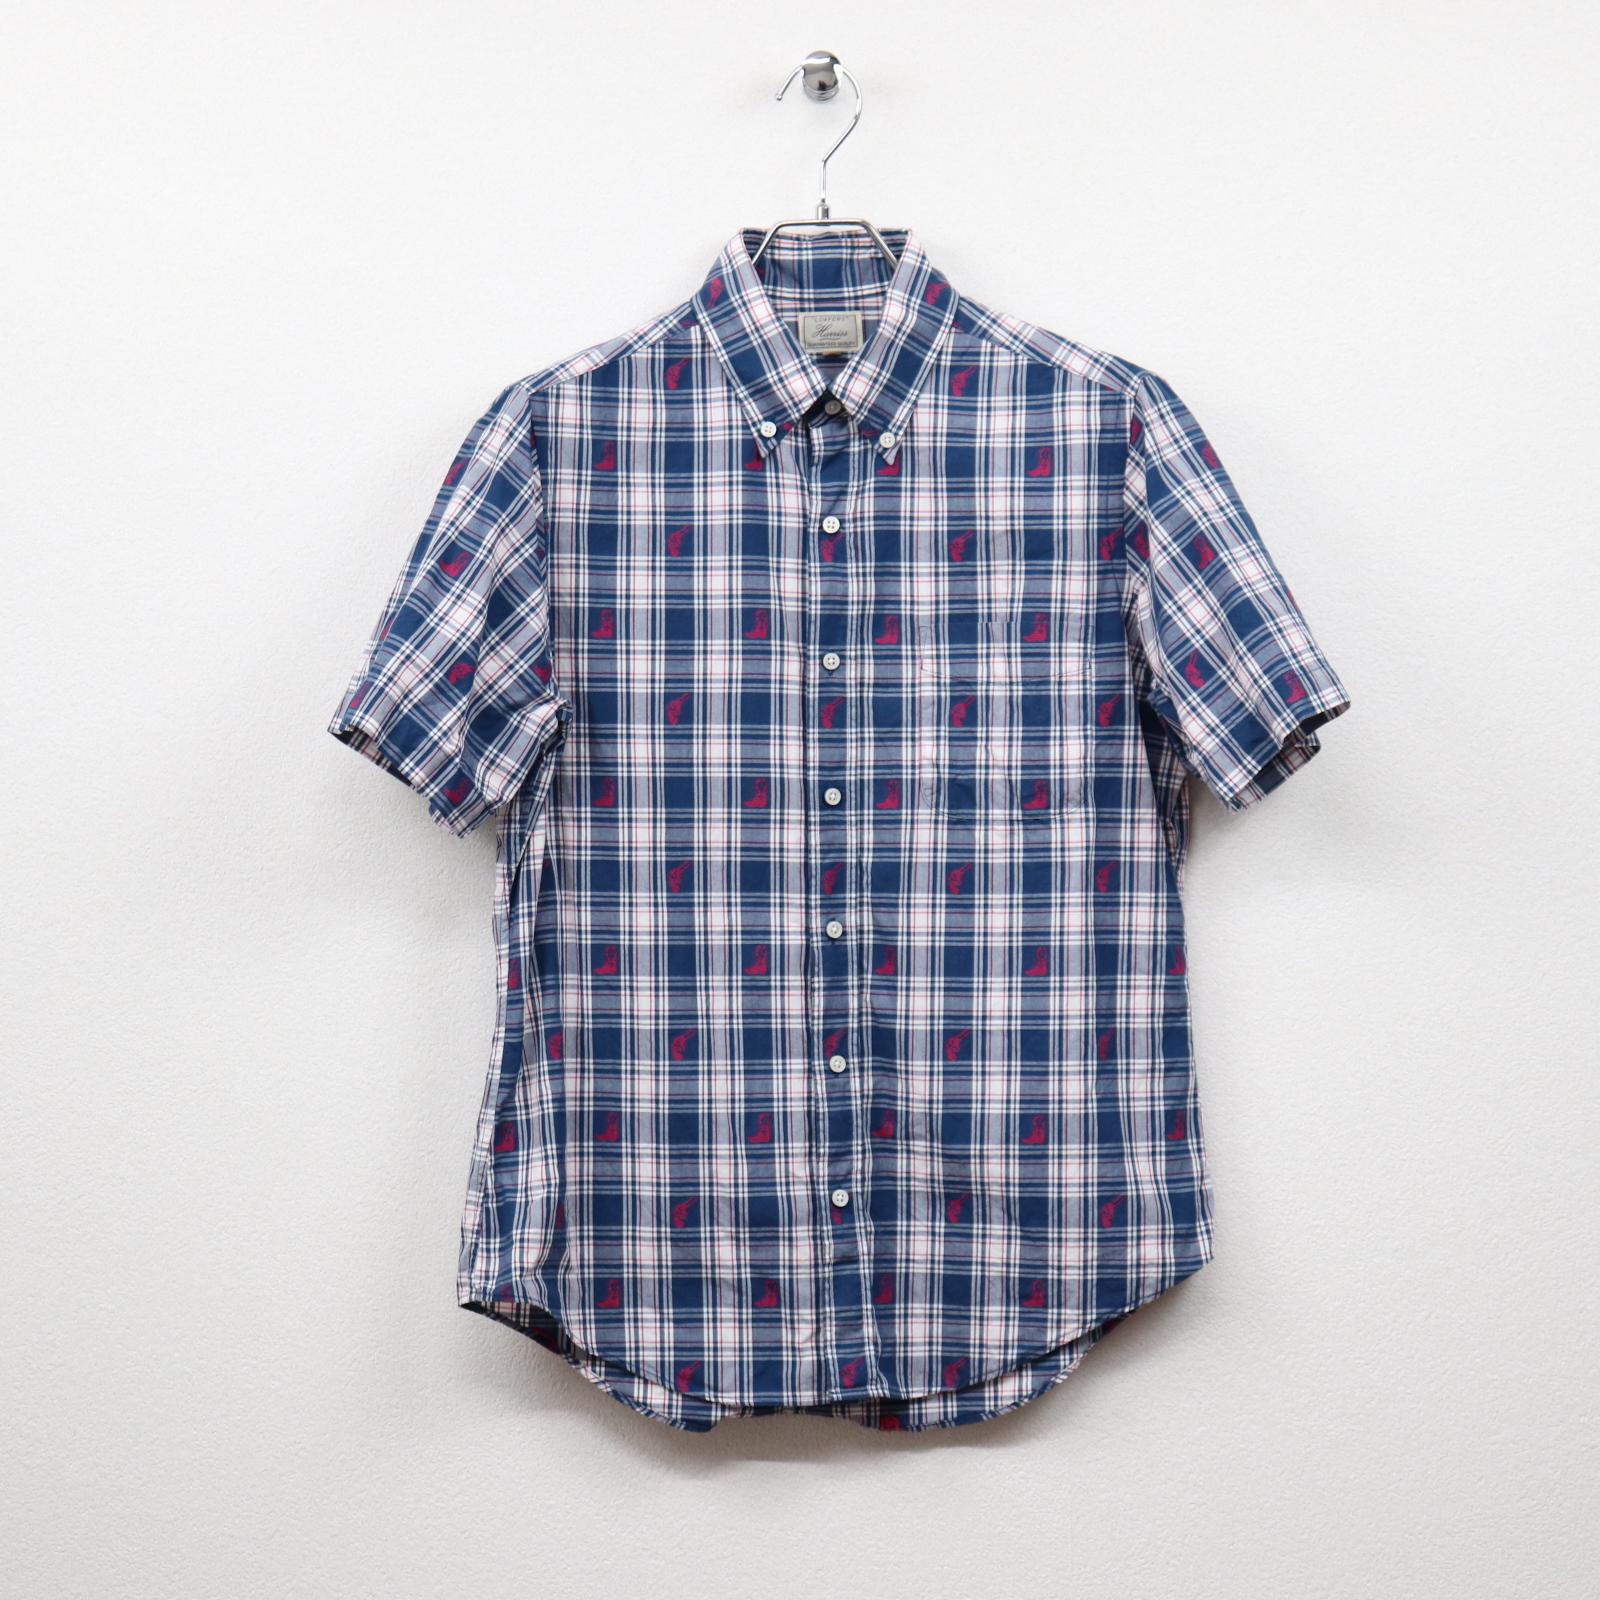 ハリス(HARRISS)チェックジャガード柄半袖ボタンダウンシャツ Mサイズ コンディションB ブルー系 価格1,980(税込)